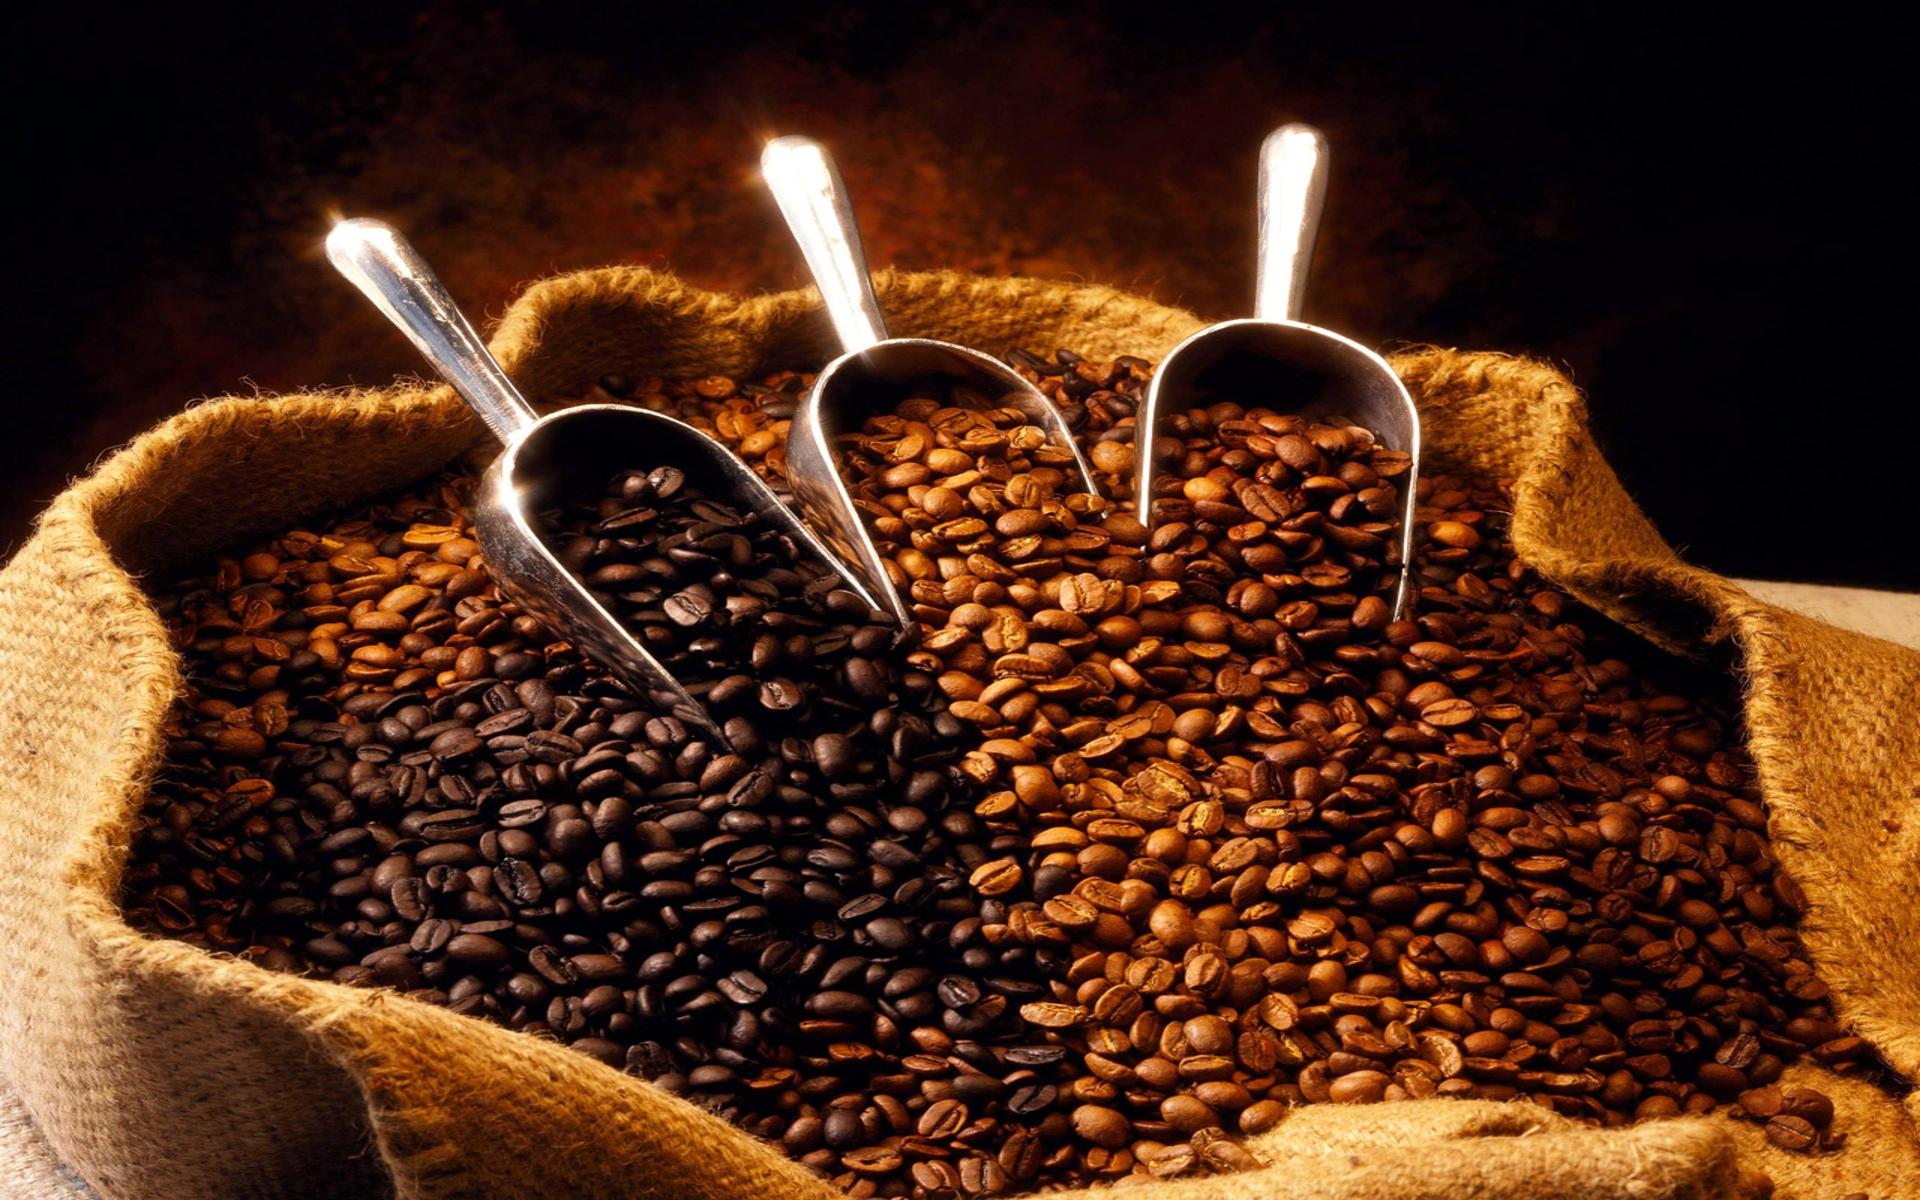 Производство кофе в мире сократится, но цены не вырастут.